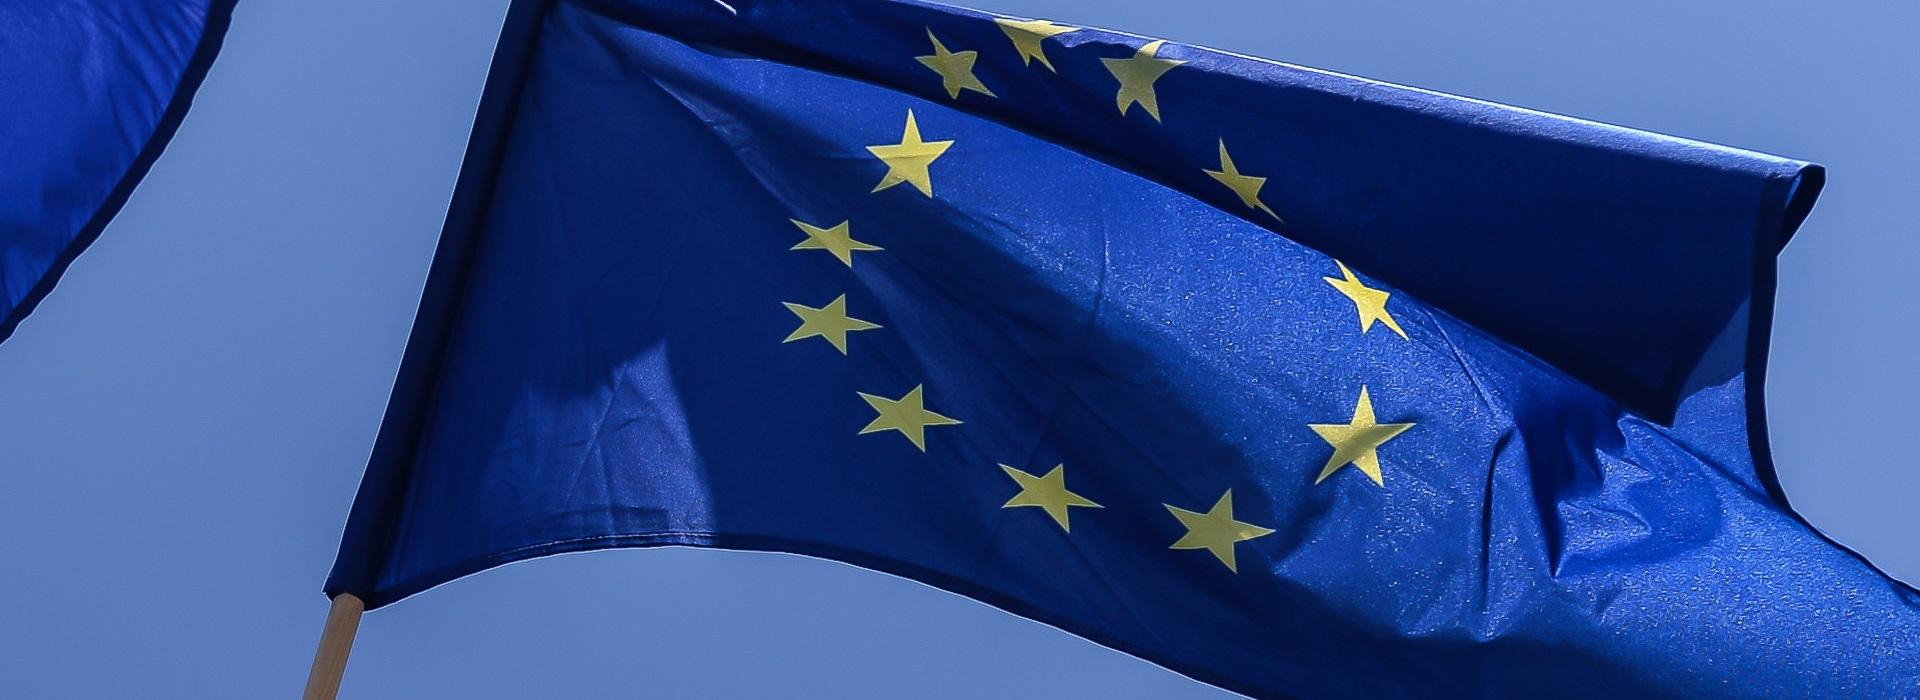 Projekt budżetu UE 2021-2027, PKB kluczowym kryterium, jest powiązanie z praworządnością